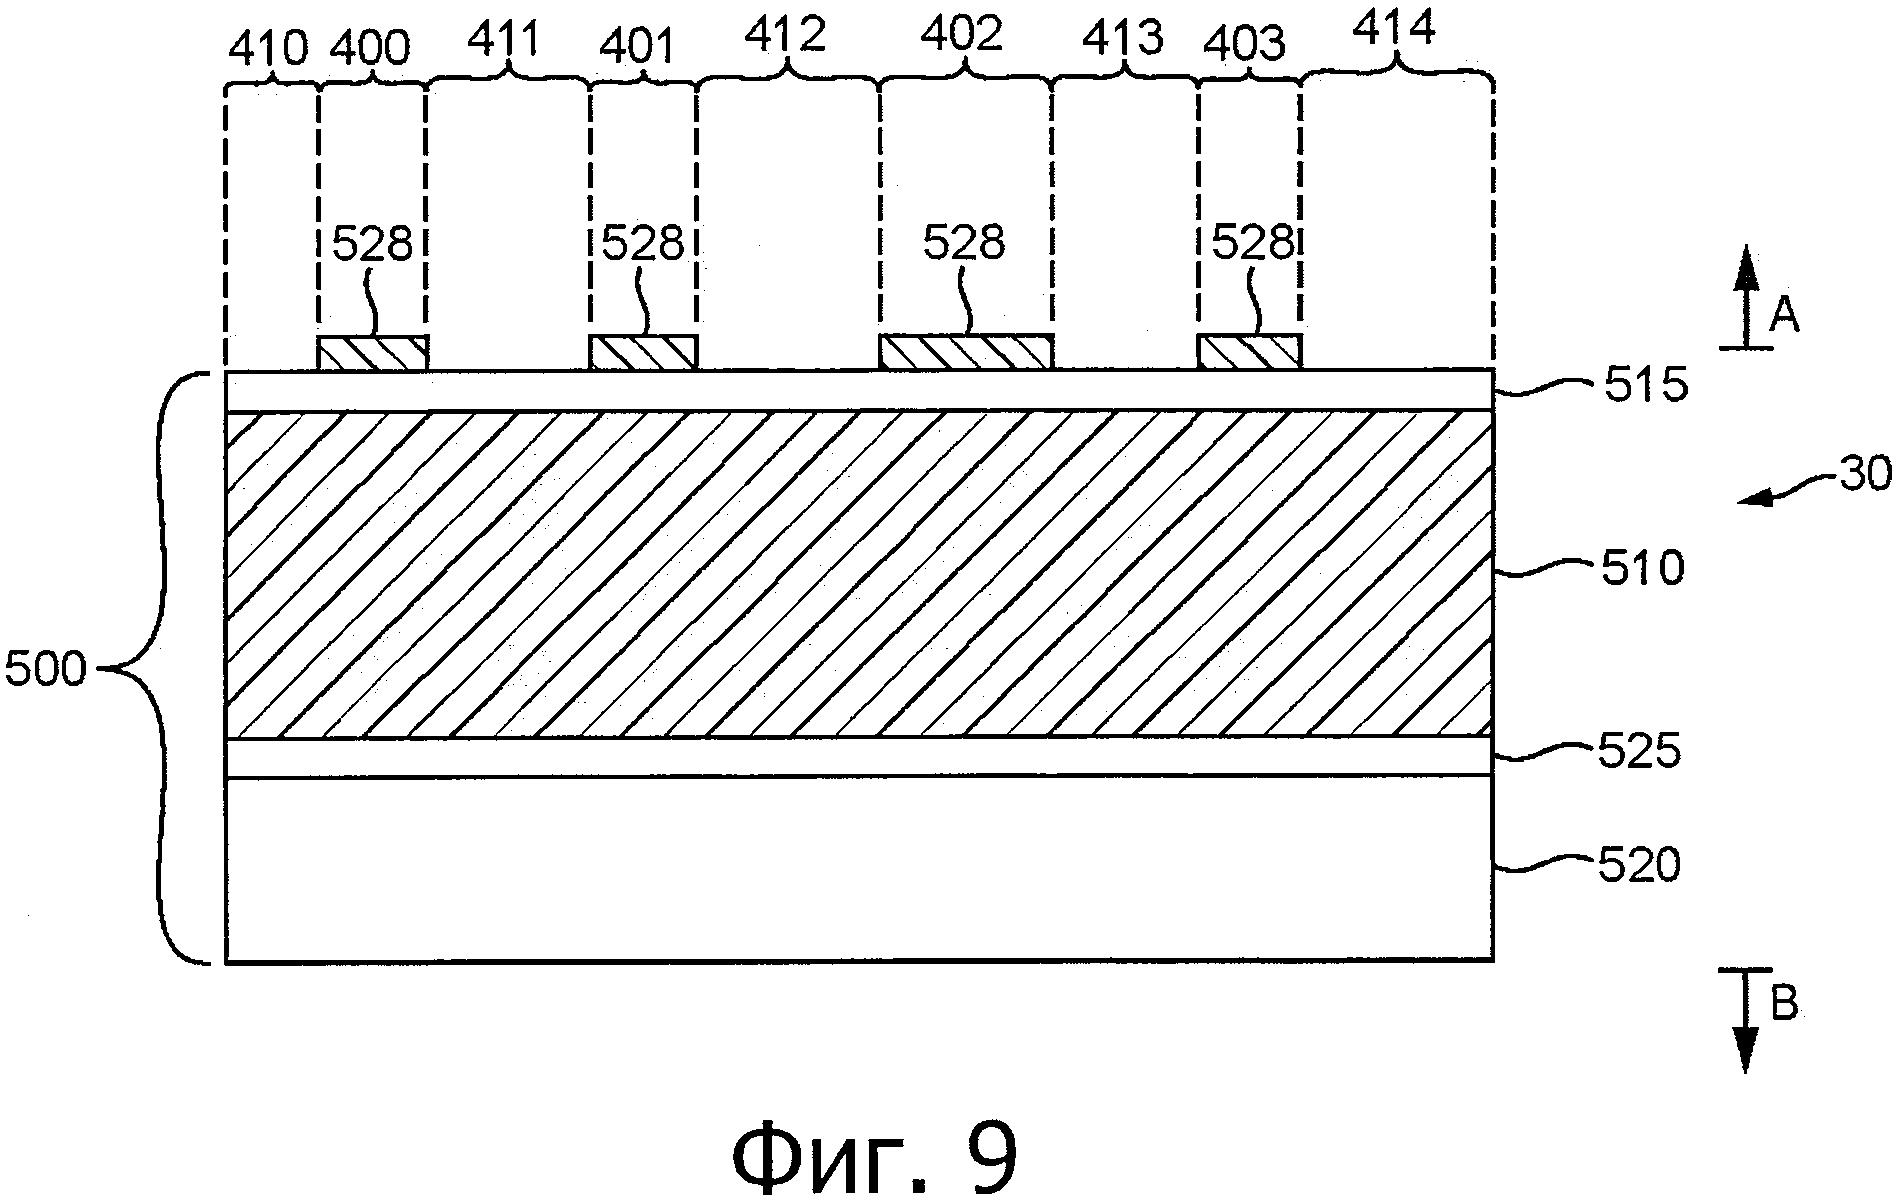 Подложка для оптически считываемого кода и капсула для приготовления напитка с такой подложкой для кода, обеспечивающей улучшенную читабельность оптического сигнала